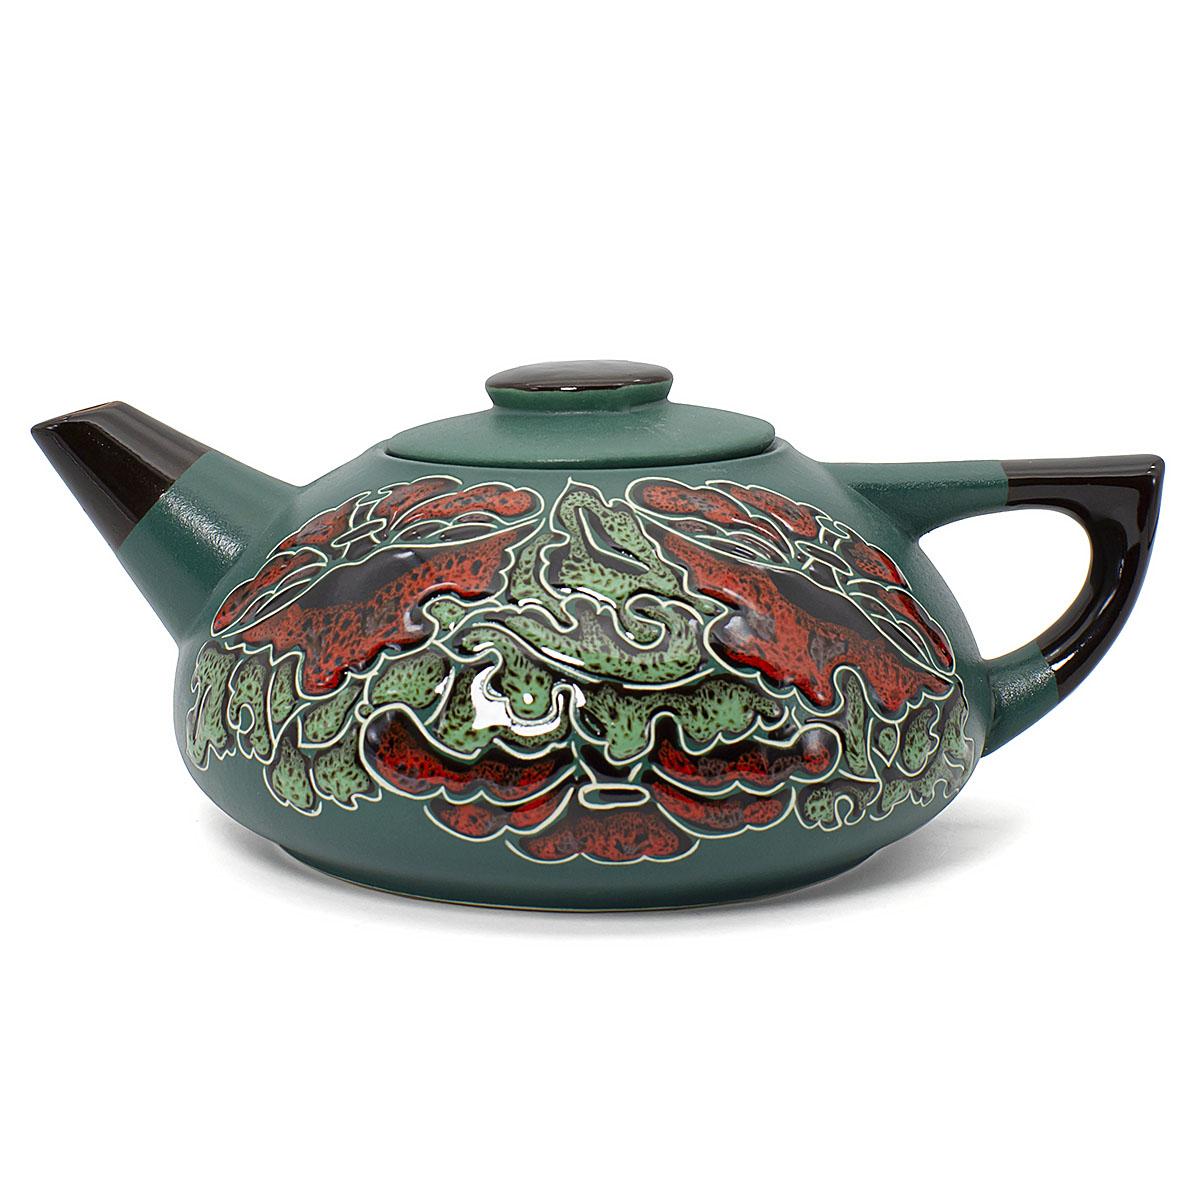 Чайник глиняный Аленький цветочек, 750 мл аленький цветочек 2019 11 24t13 00